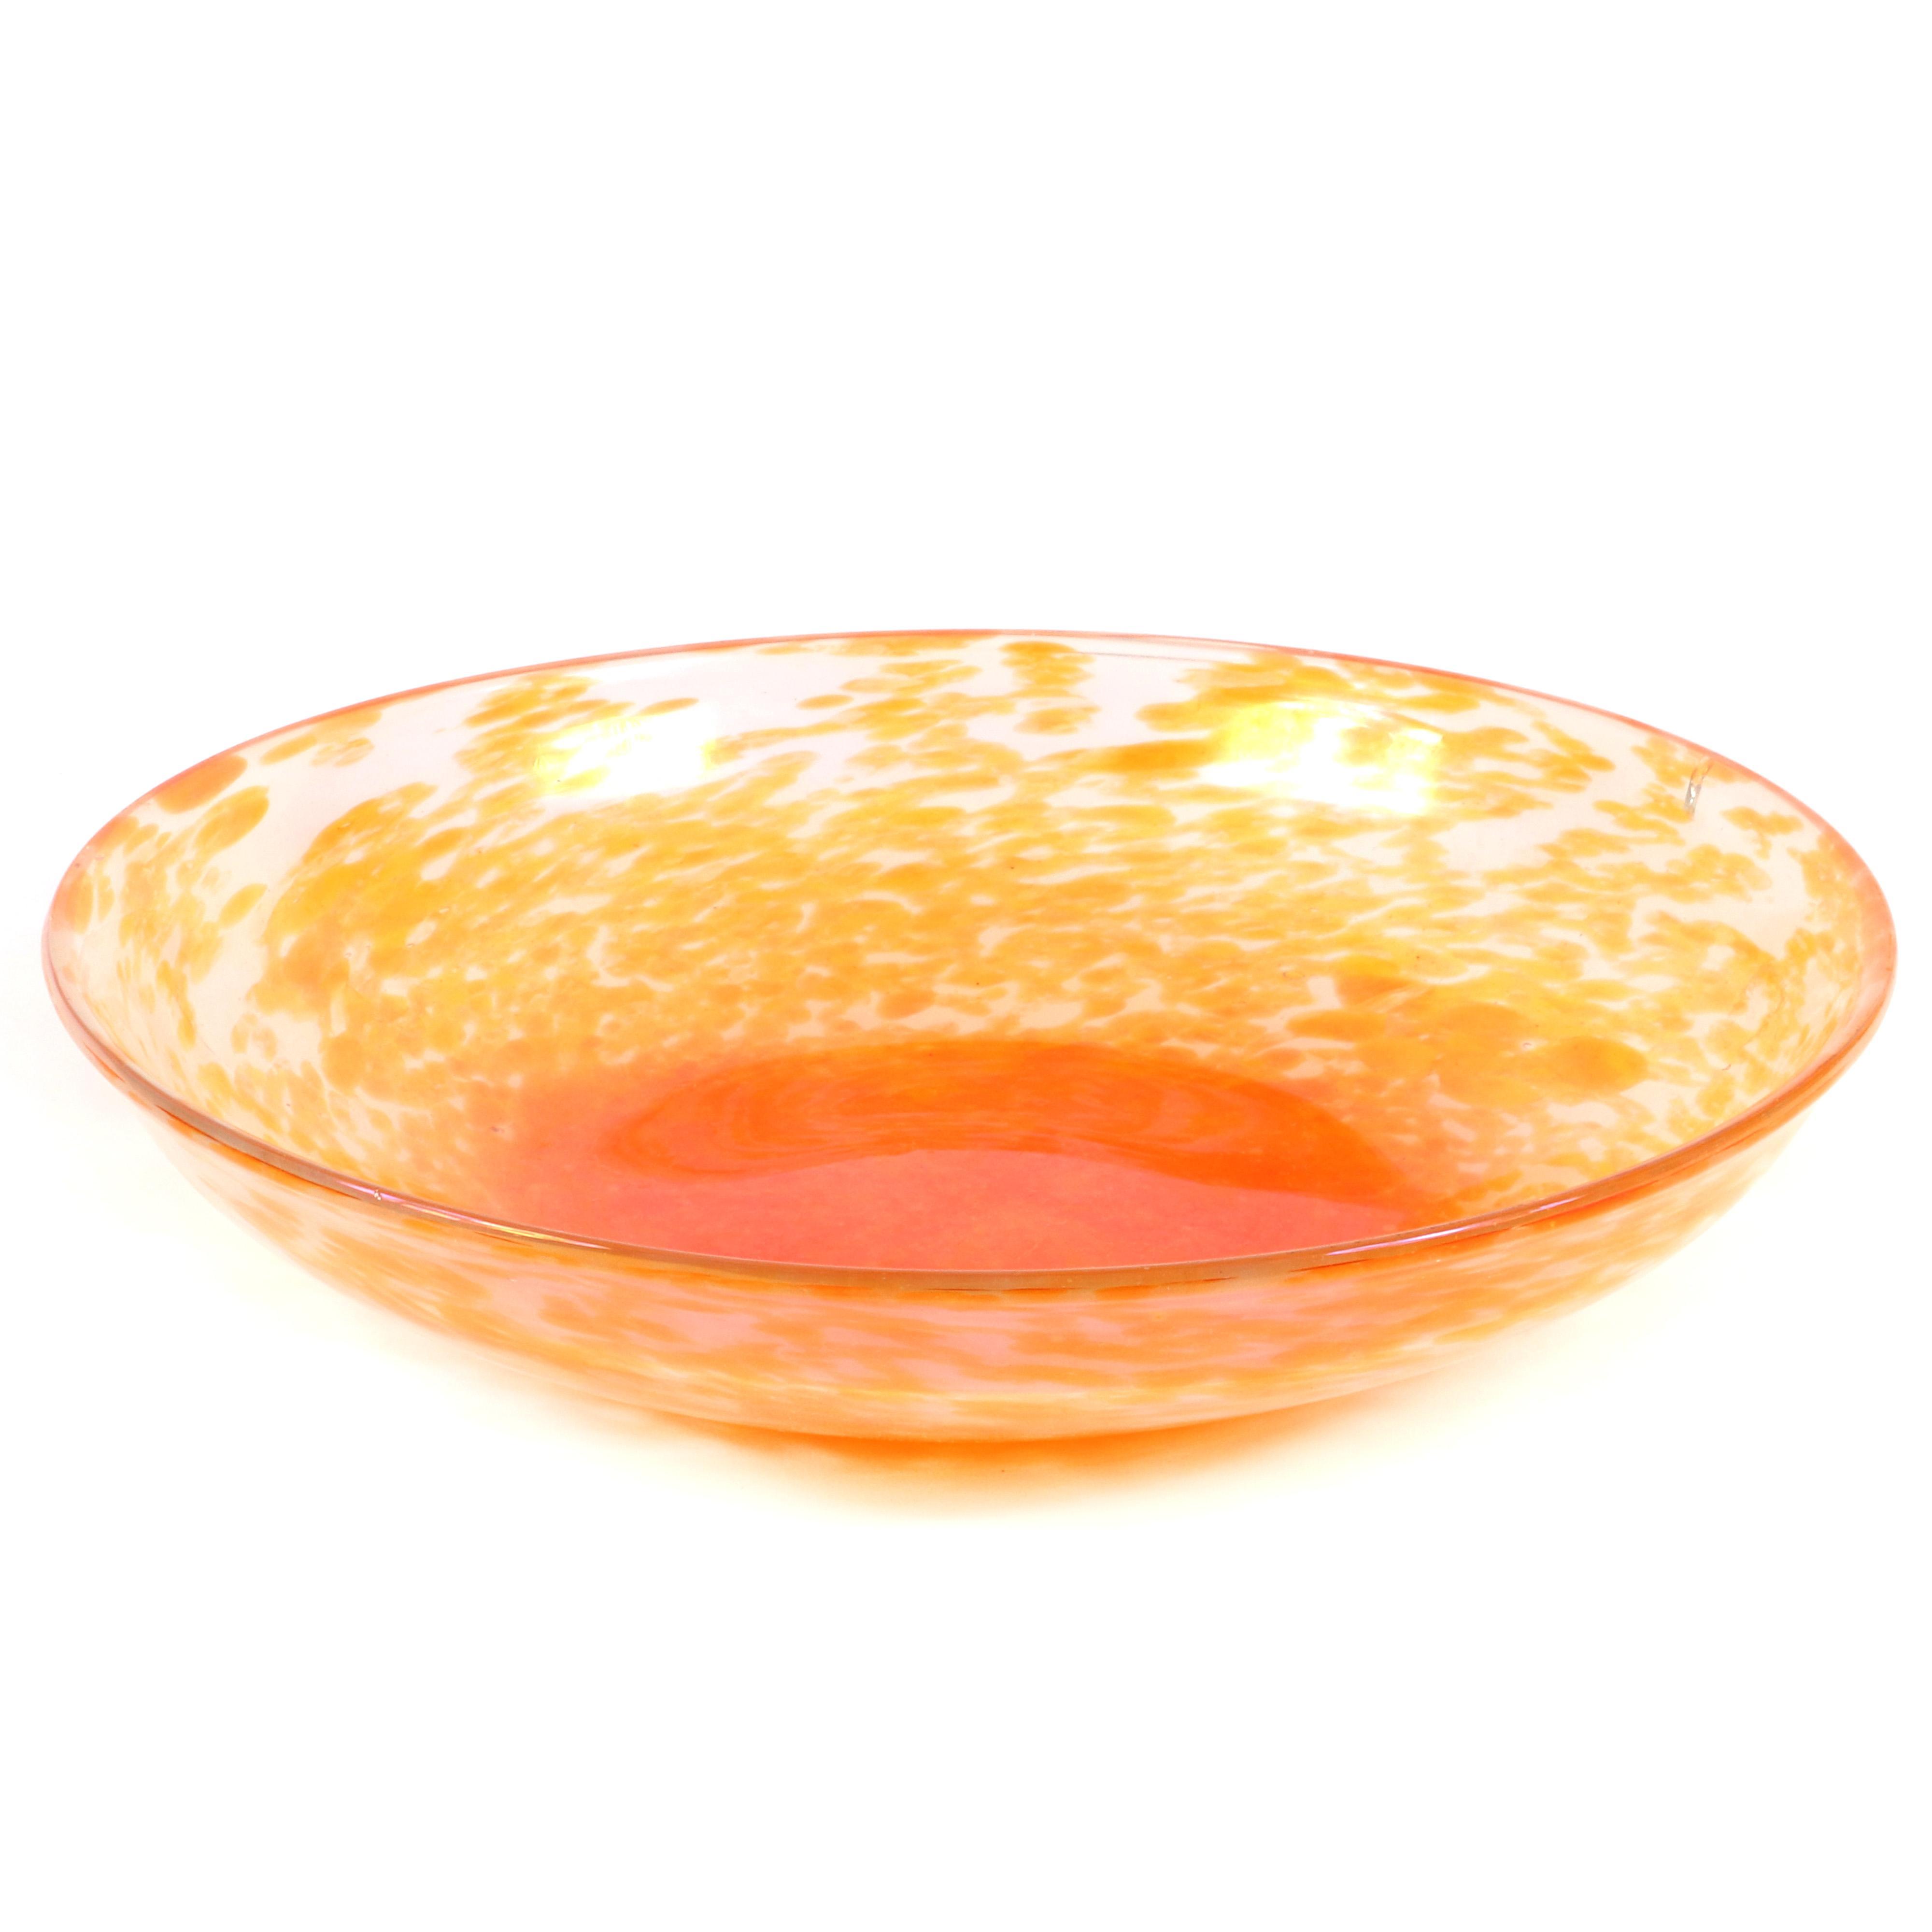 """Aureliano Toso Murano art glass Amace center bowl designed by Dino Martens, ca.1950. AS IS. 15 1/4"""" diam."""